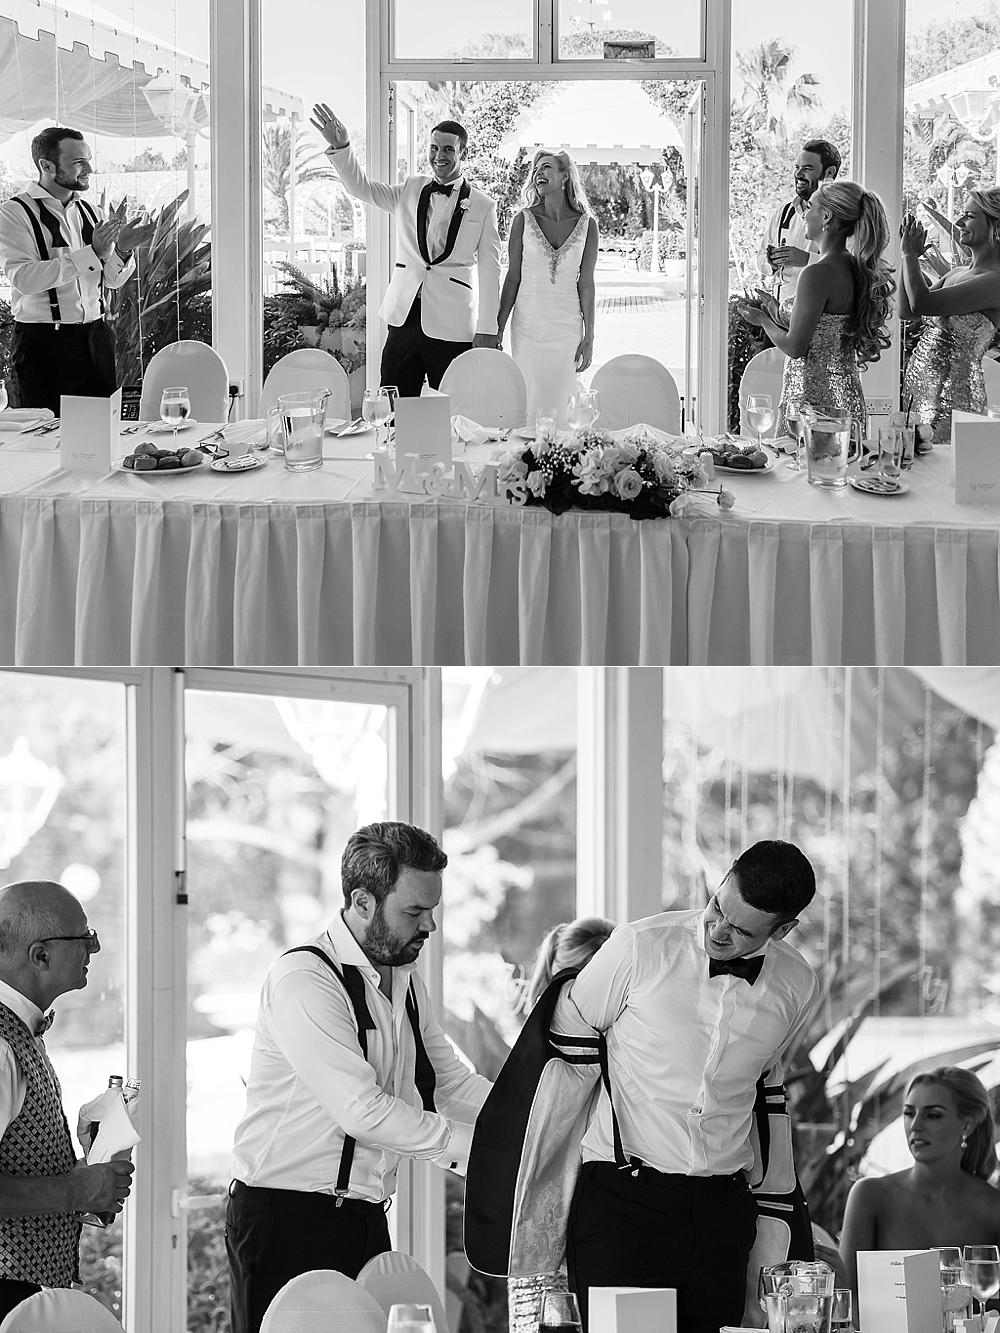 Wedding Photography - Villa Arrigo - Malta - Shane P. Watts